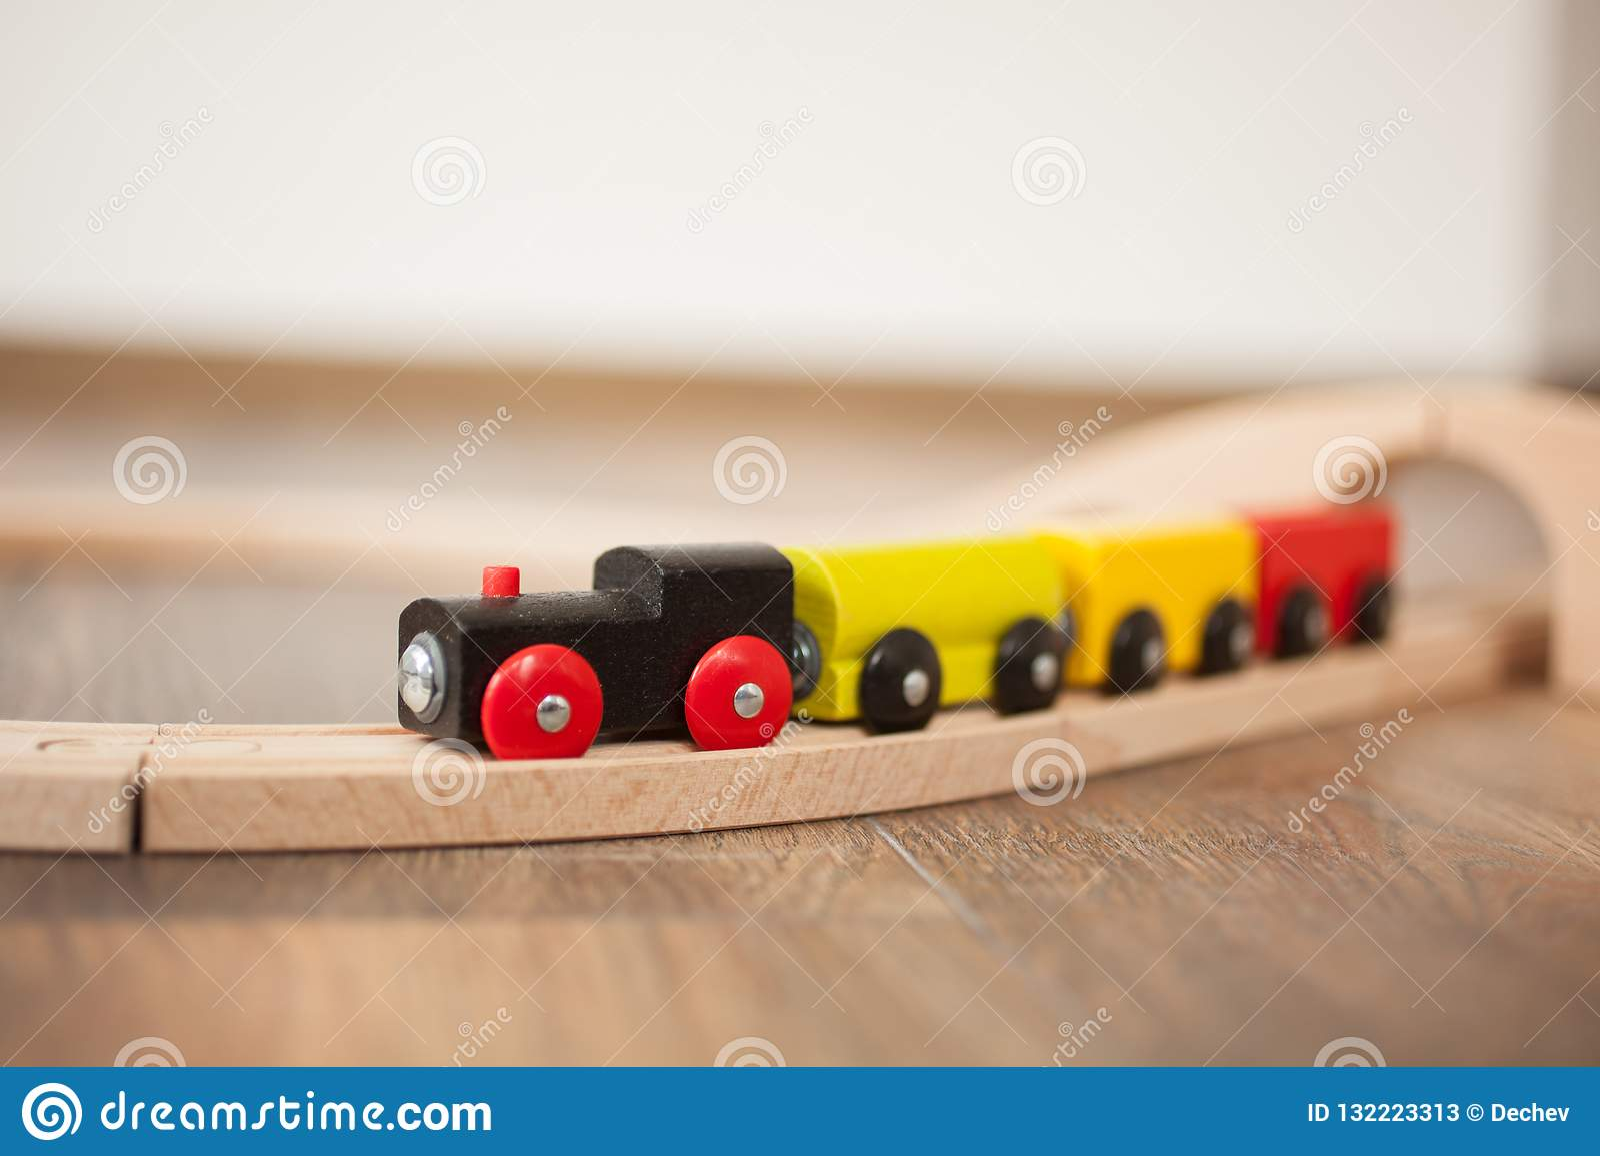 Ξύλινο τραίνο παιχνιδιών στο σιδηρόδρομο με την ξύλινη γέφυρα Καθαρίστε το τοποθετημένο σε στρώματα πάτωμα